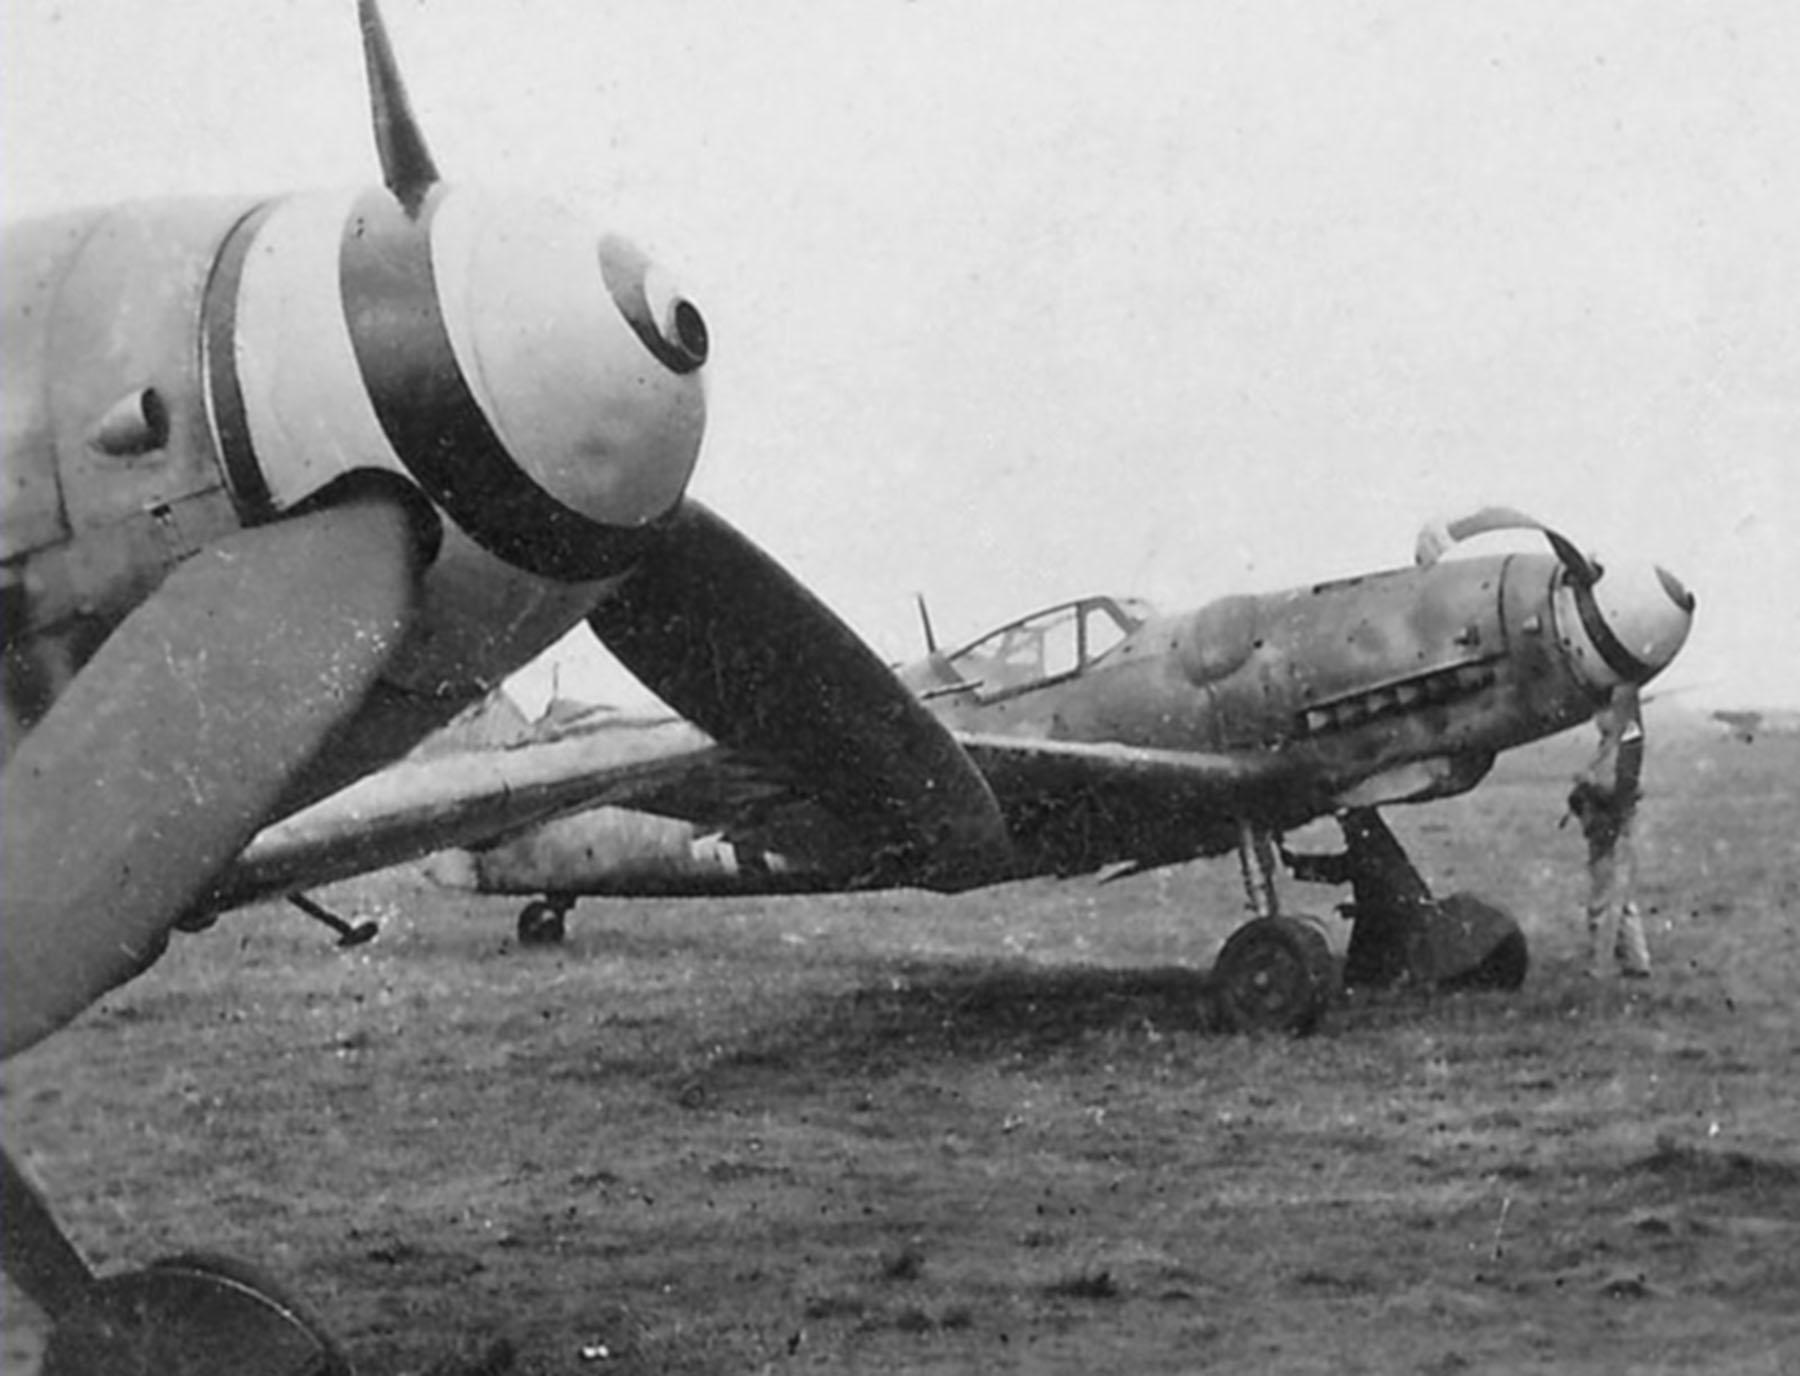 Messerschmitt Bf 109G6 Erla Reichsverteidigung after a landing mishap unknown unit 01